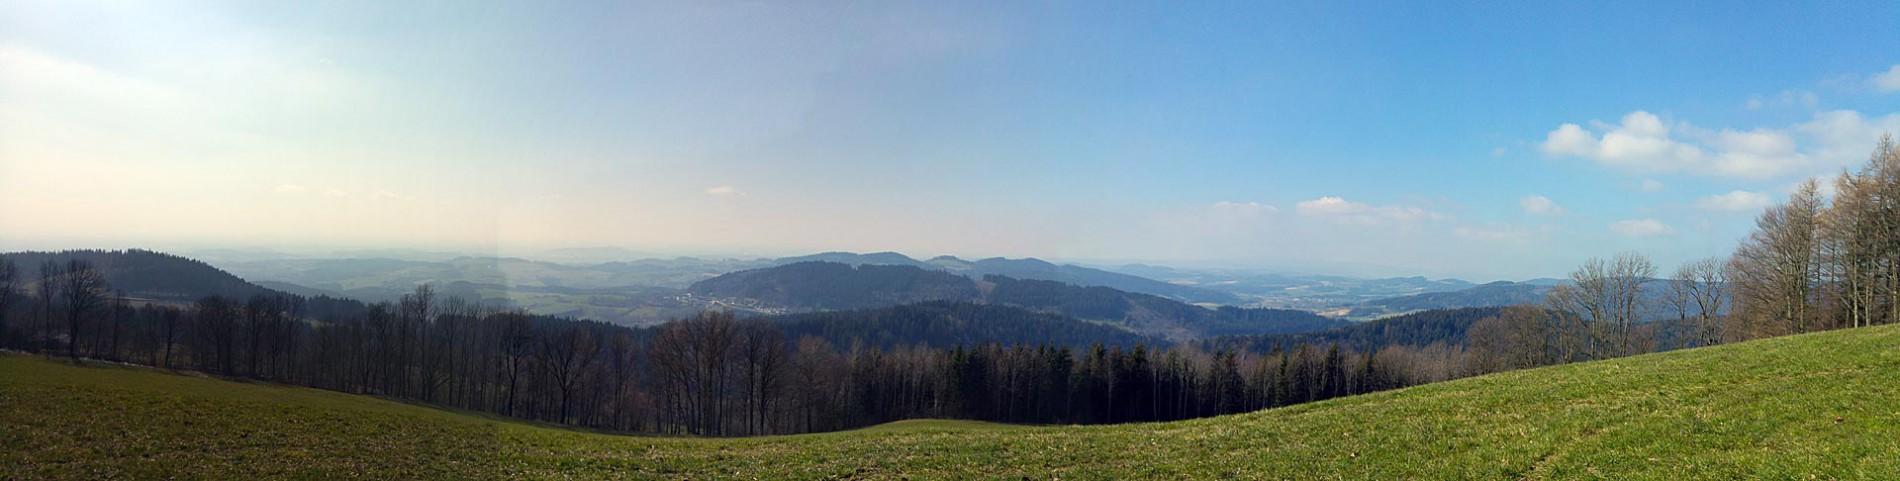 Panorama-Blick der Wanderung im Bayerischen Wald